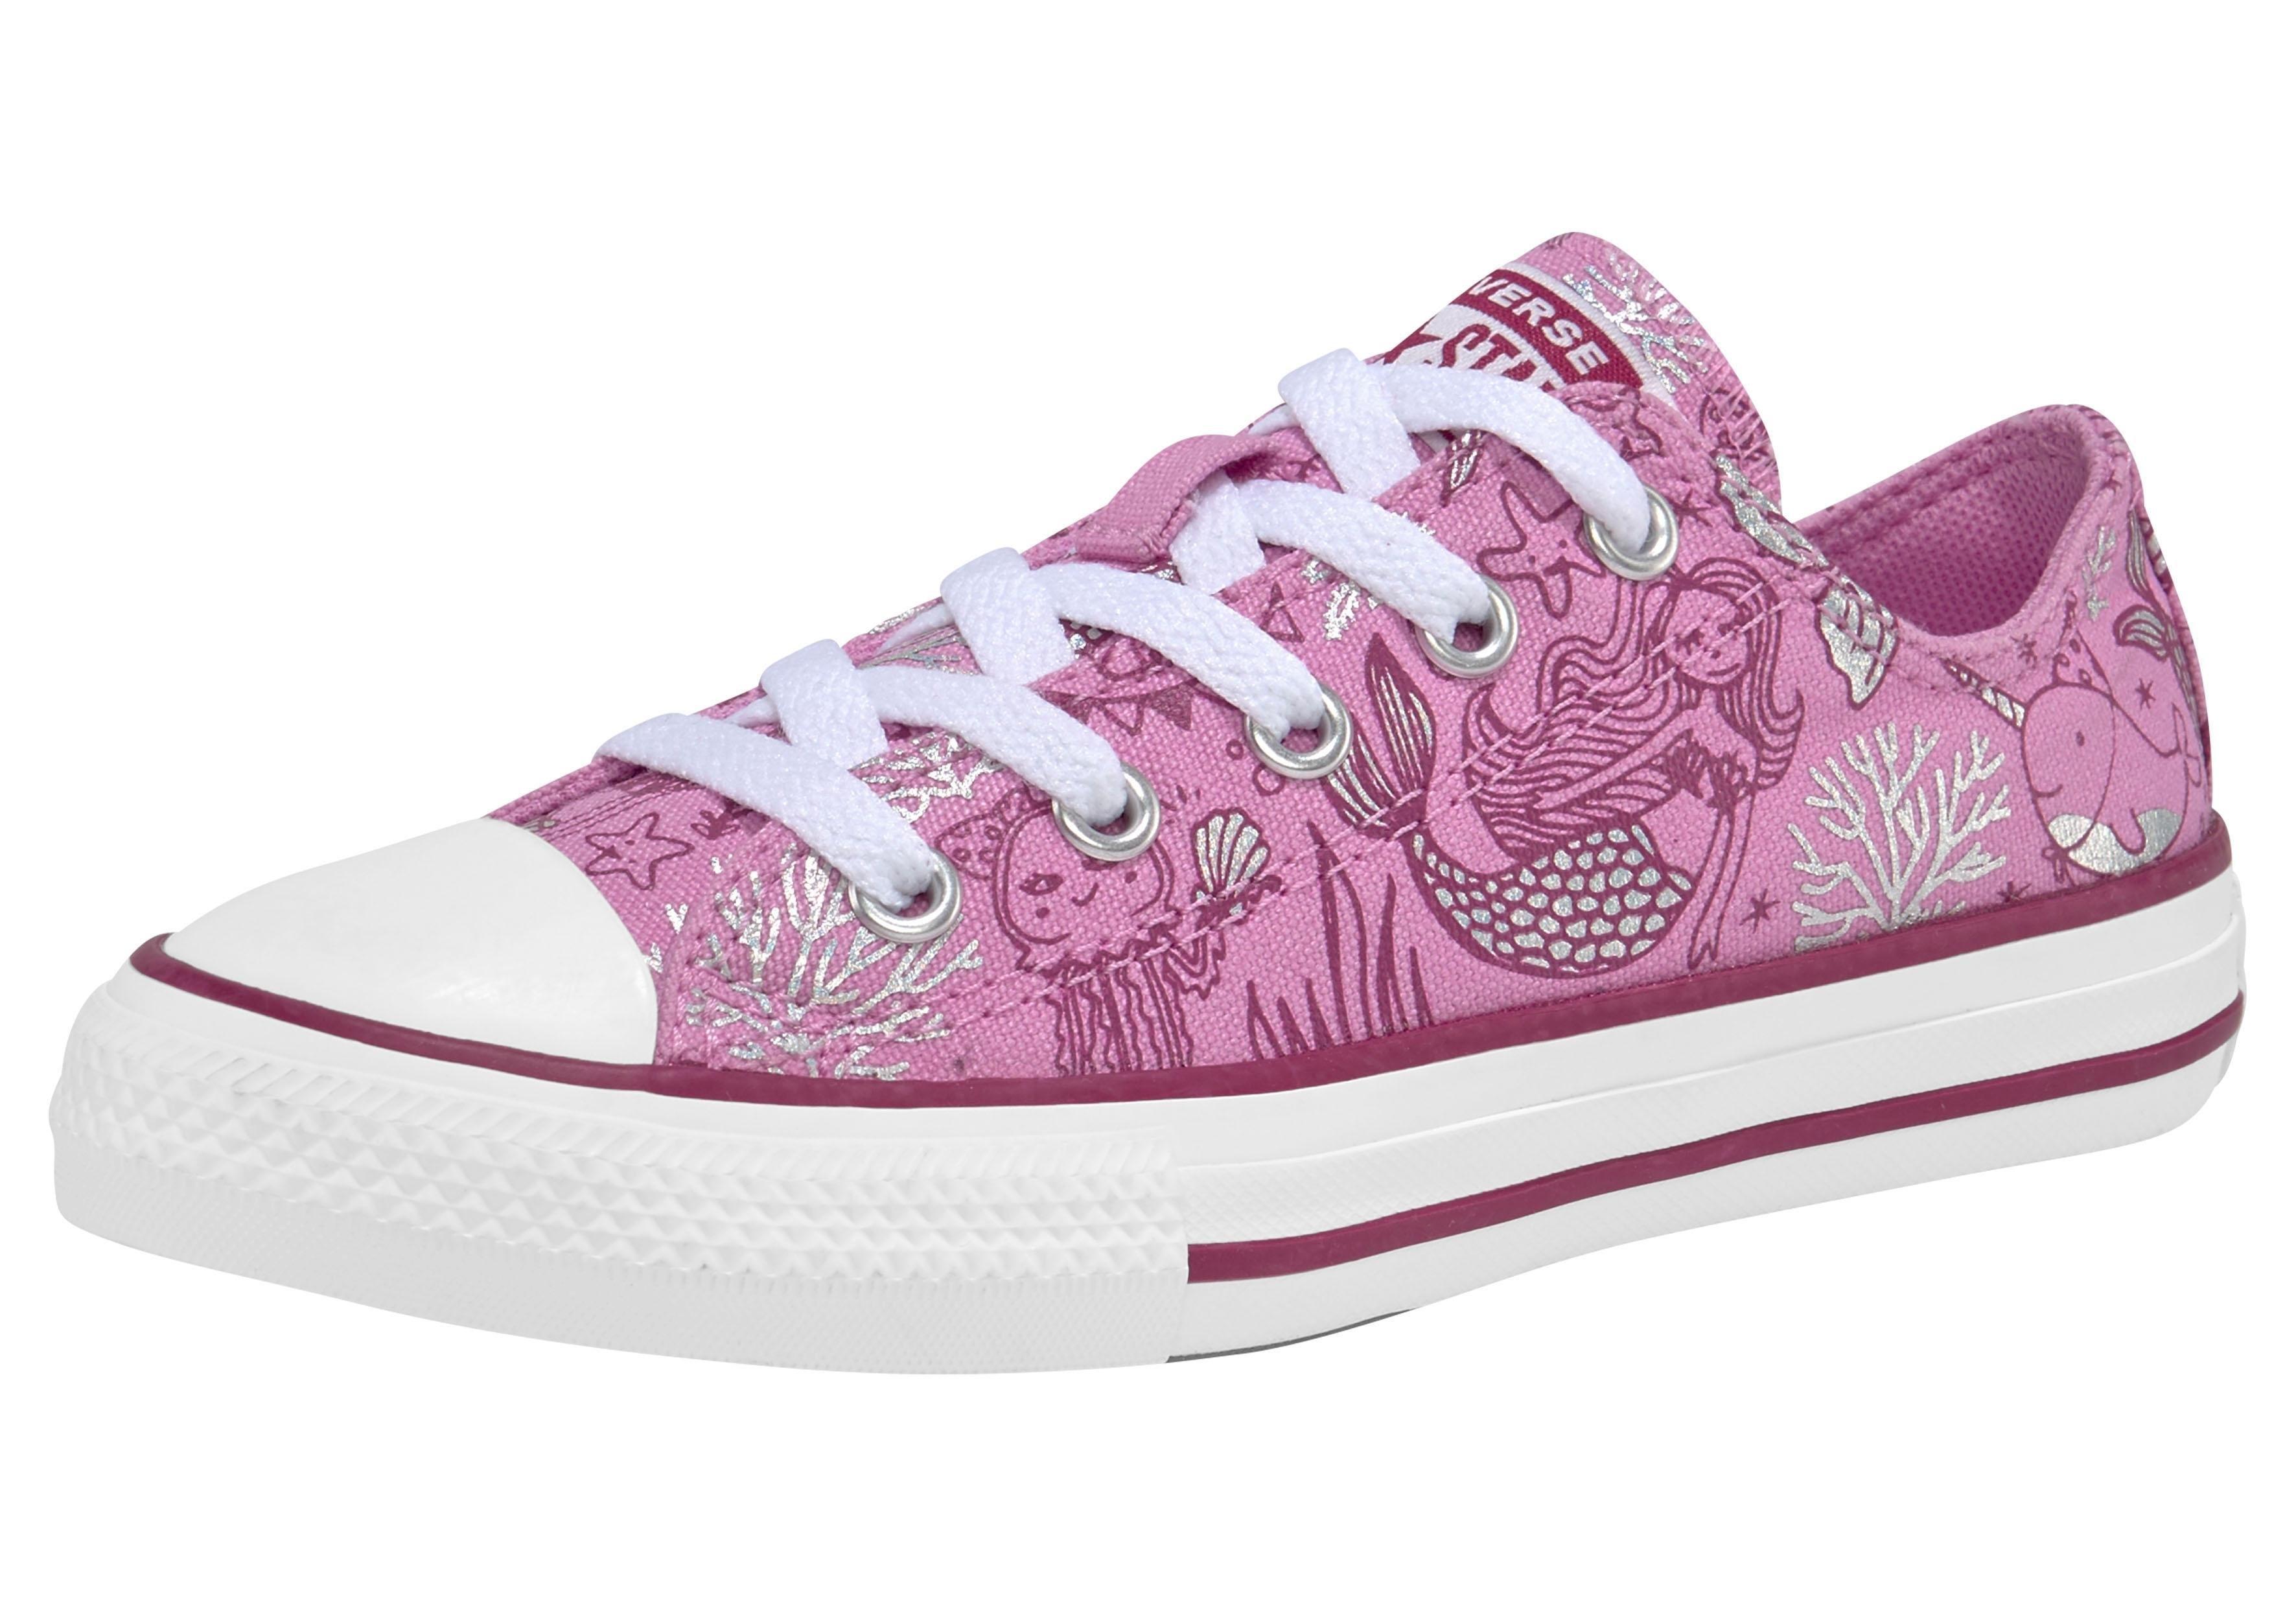 Converse sneakers »Kinder CHUCK TAYLOR ALL STAR-OX Mermaid« bestellen: 30 dagen bedenktijd